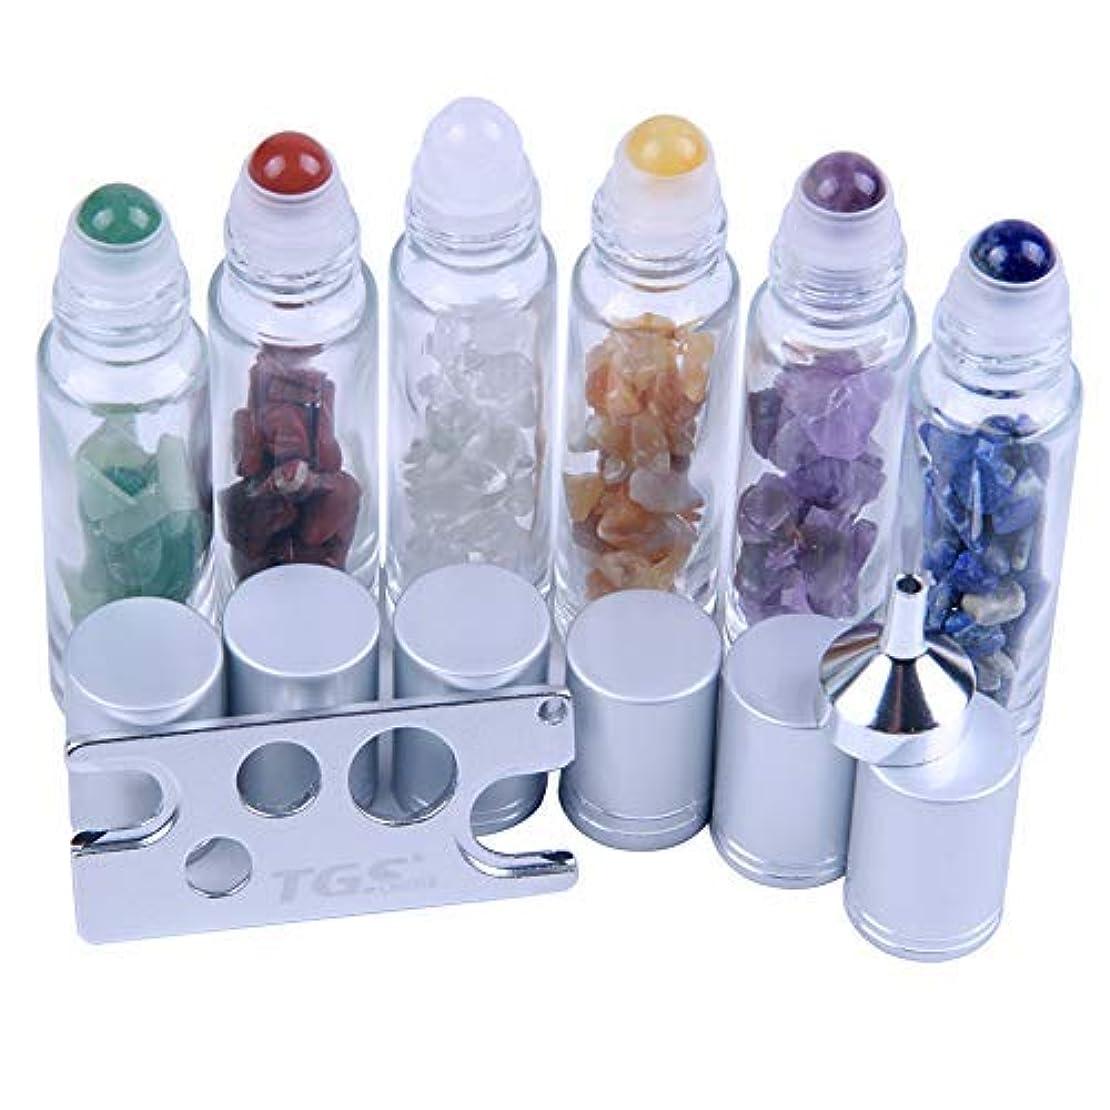 動機付ける振り返るグロー10 ml Roller Balls for Essential Oils - Small Glass Roller Bottles with Decorative Tops & Mini Tumbled Gemstone...